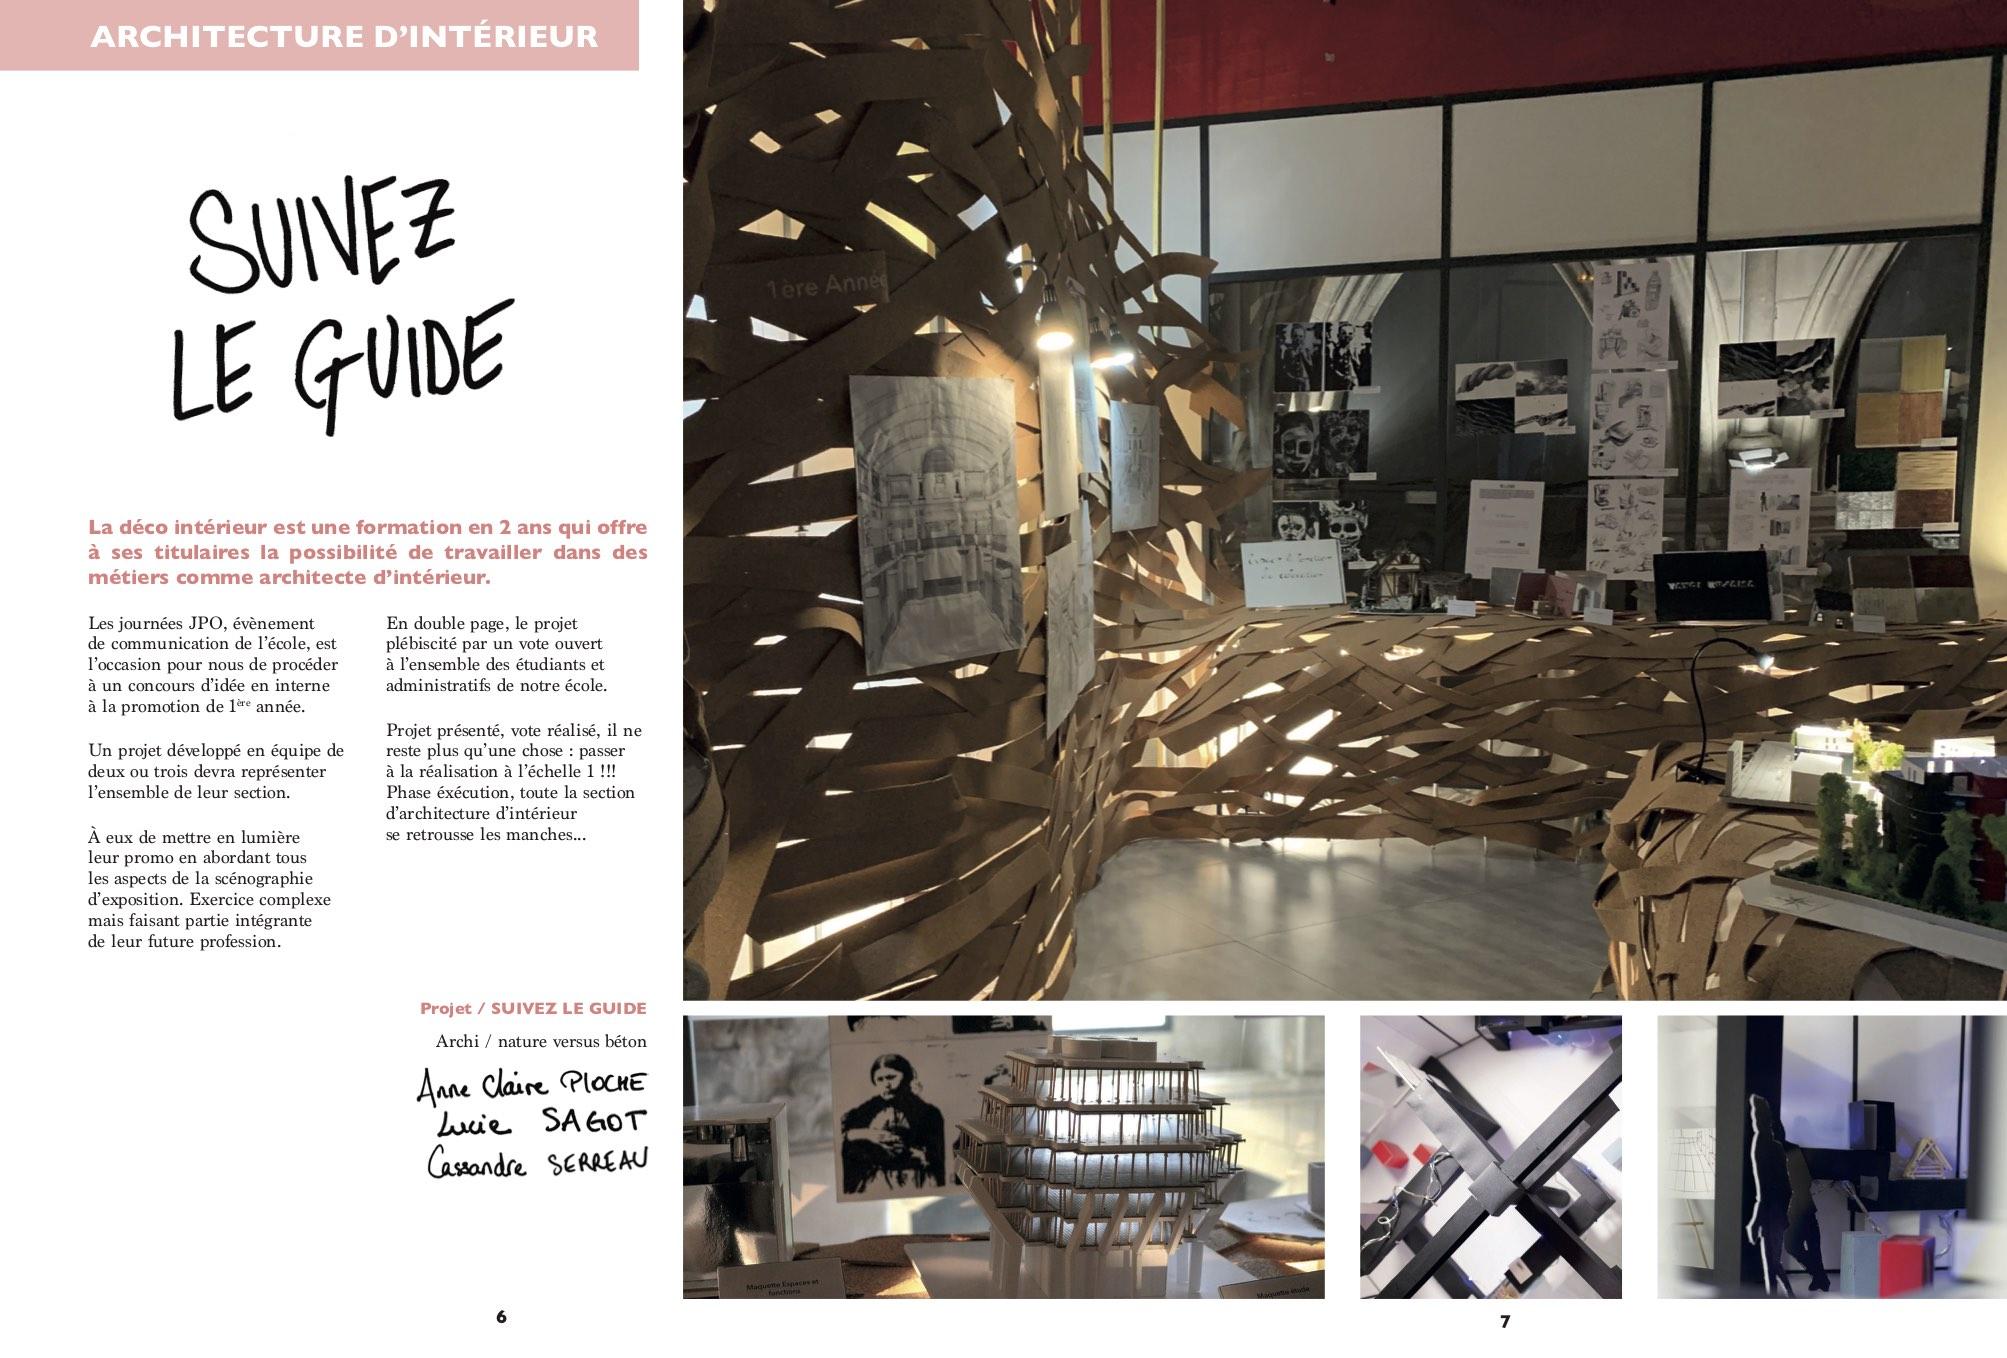 Architecte D Intérieur Lille mjm nantes : le magazine des étudiants - École d'art mjm